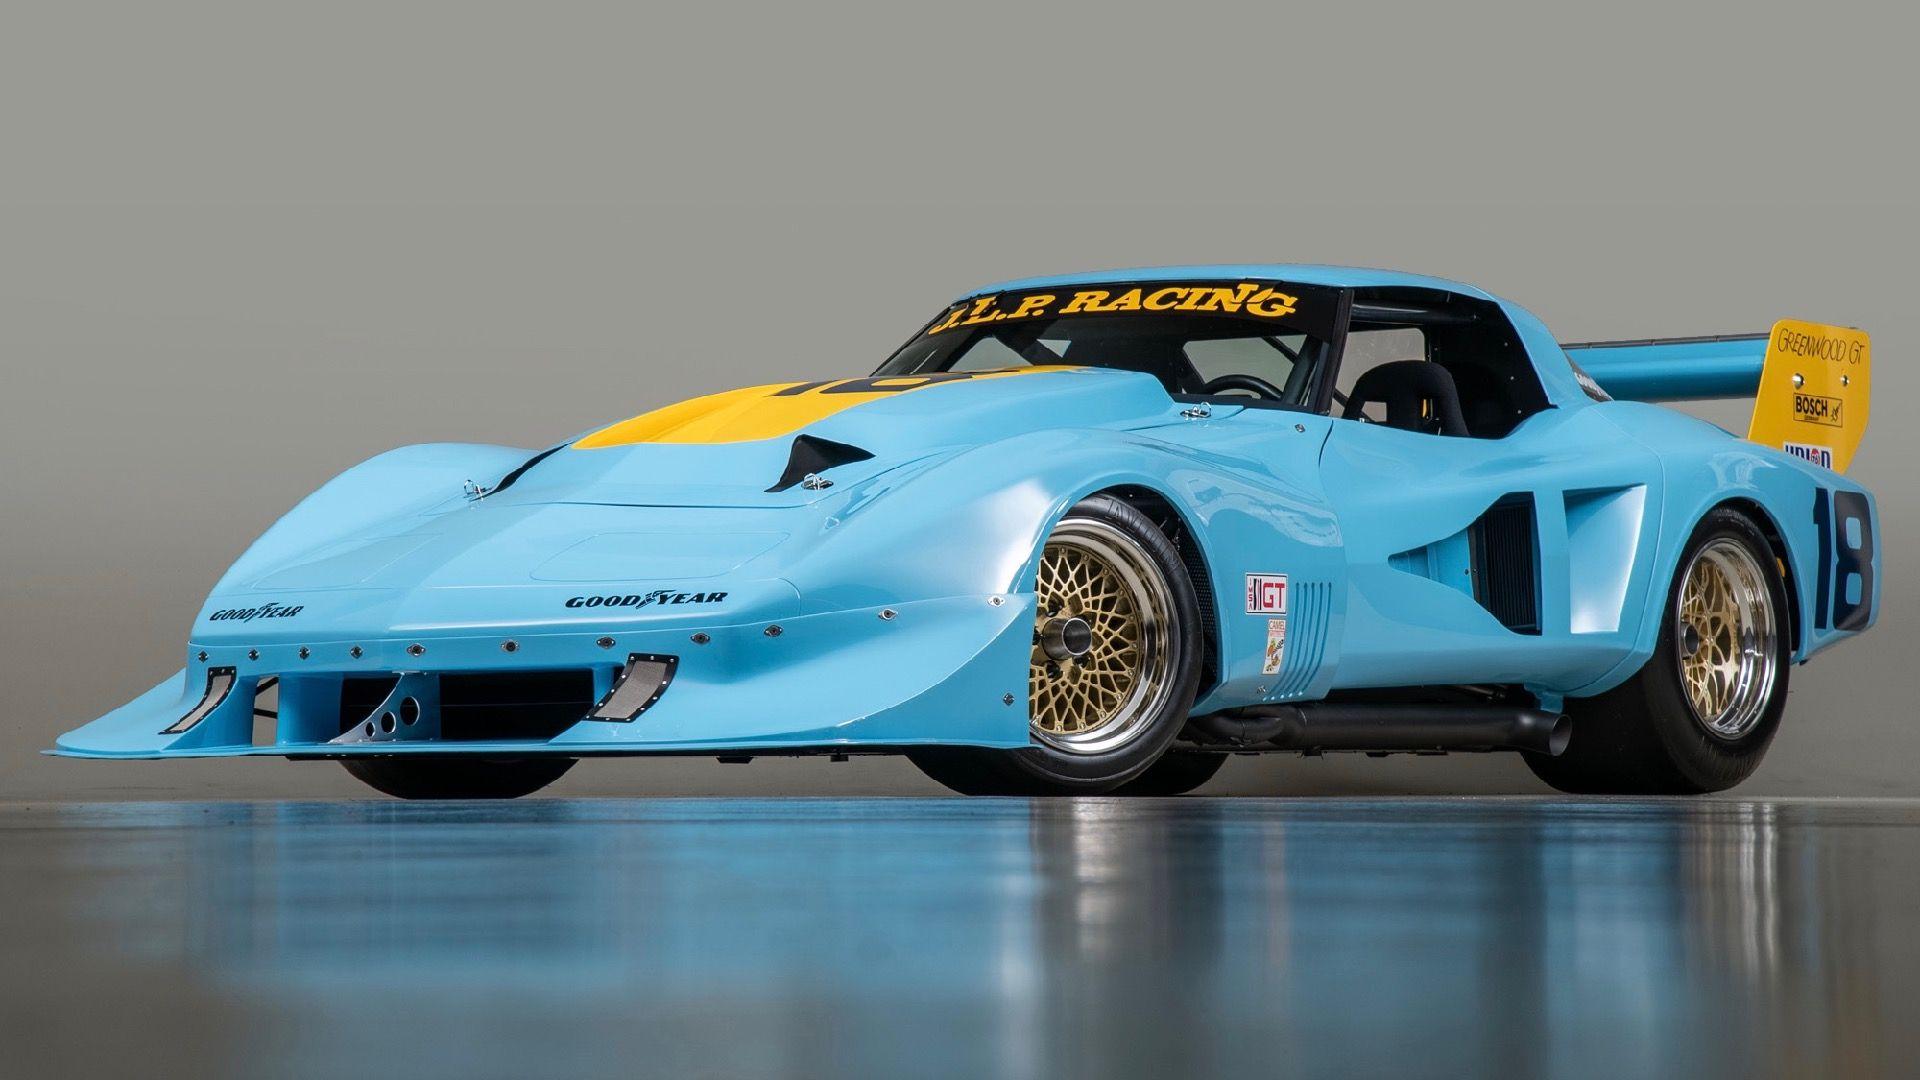 One Of Two 1977 Chevrolet Corvette Imsa Racers Is For Sale Through Canepa Corvette Race Car Corvette Chevrolet